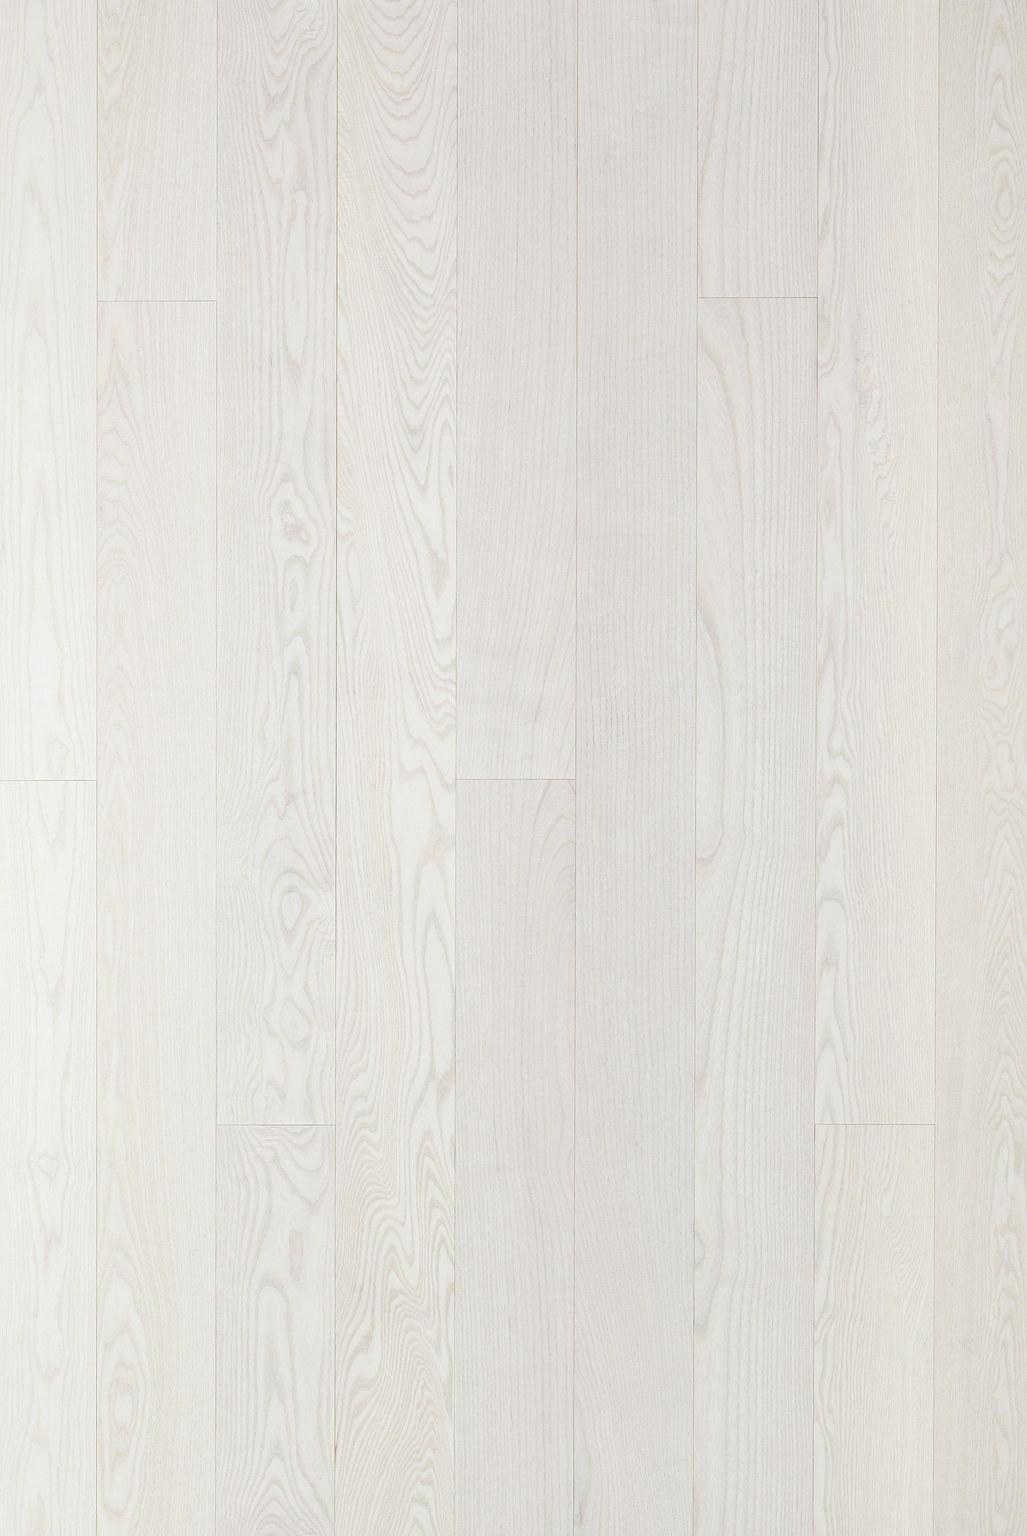 Timberwise parketti lankkuparketti puulattia wooden floor parquet plank Saarni Ash Select Snowwhite_2D1